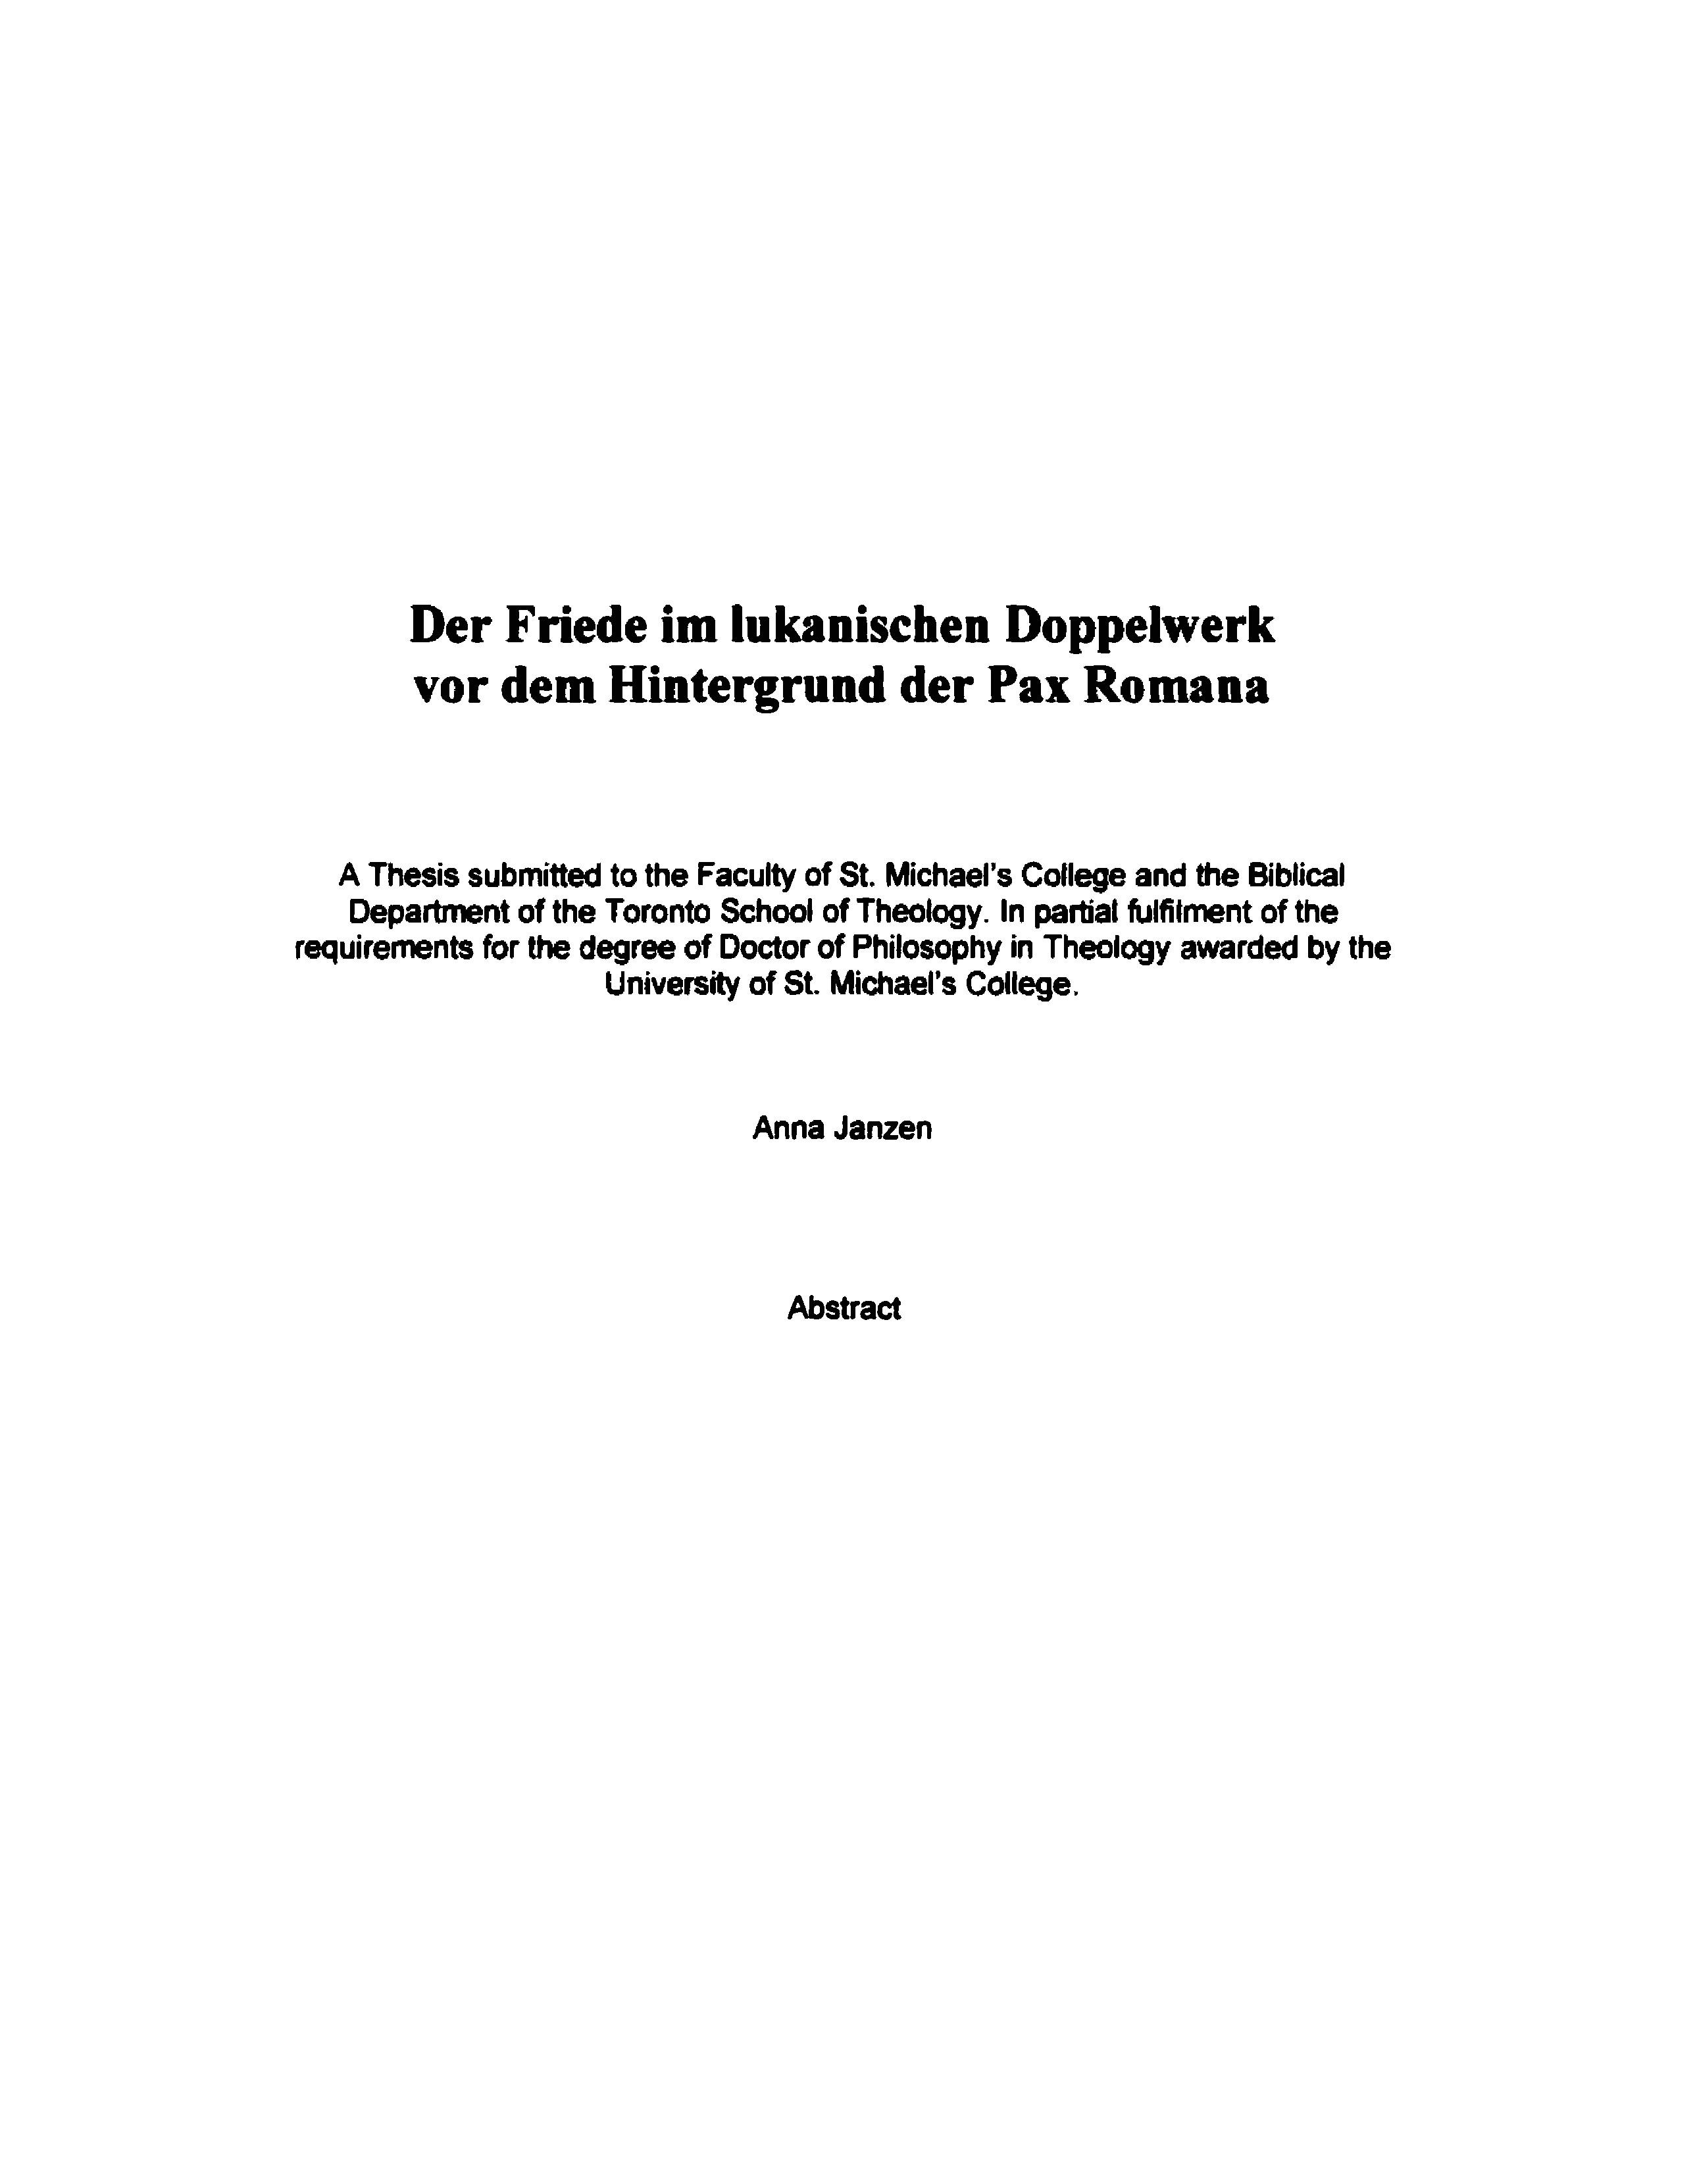 der friede im lukanischen doppelwerk vor dem hintergrund der pax romana a thesis submitted to the